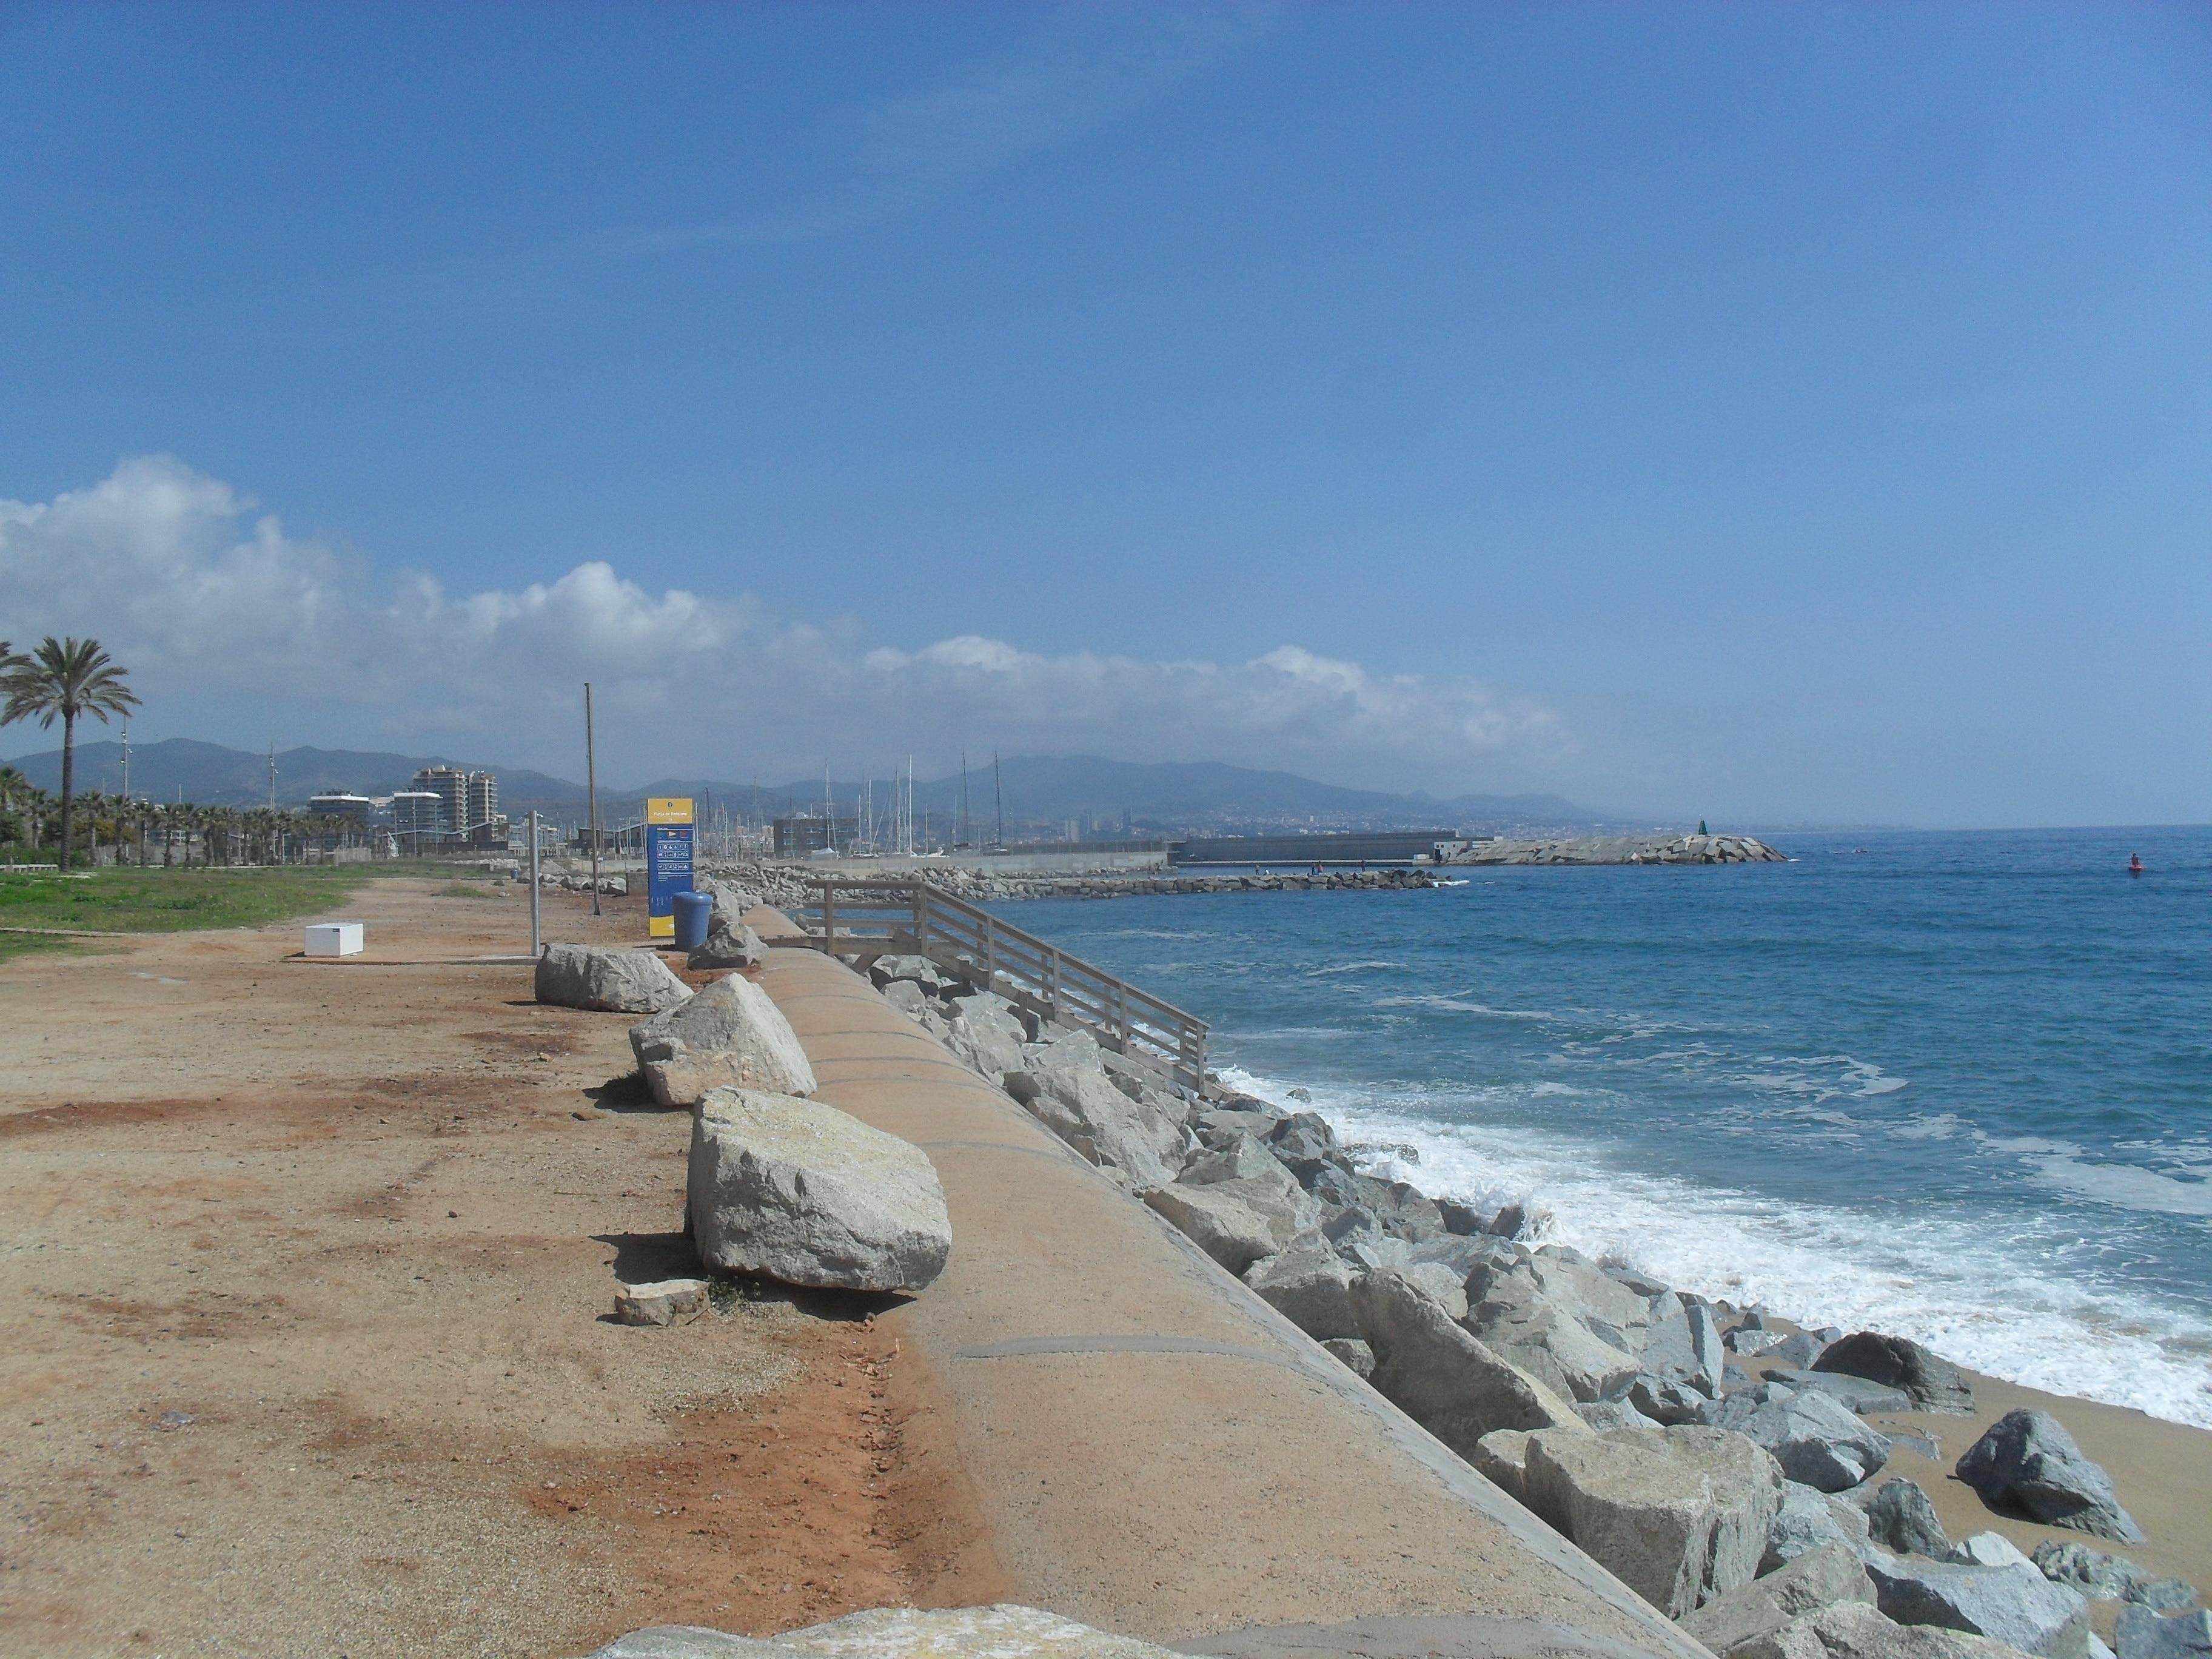 La Mora Beach, Badalona, Catalonia, Spain